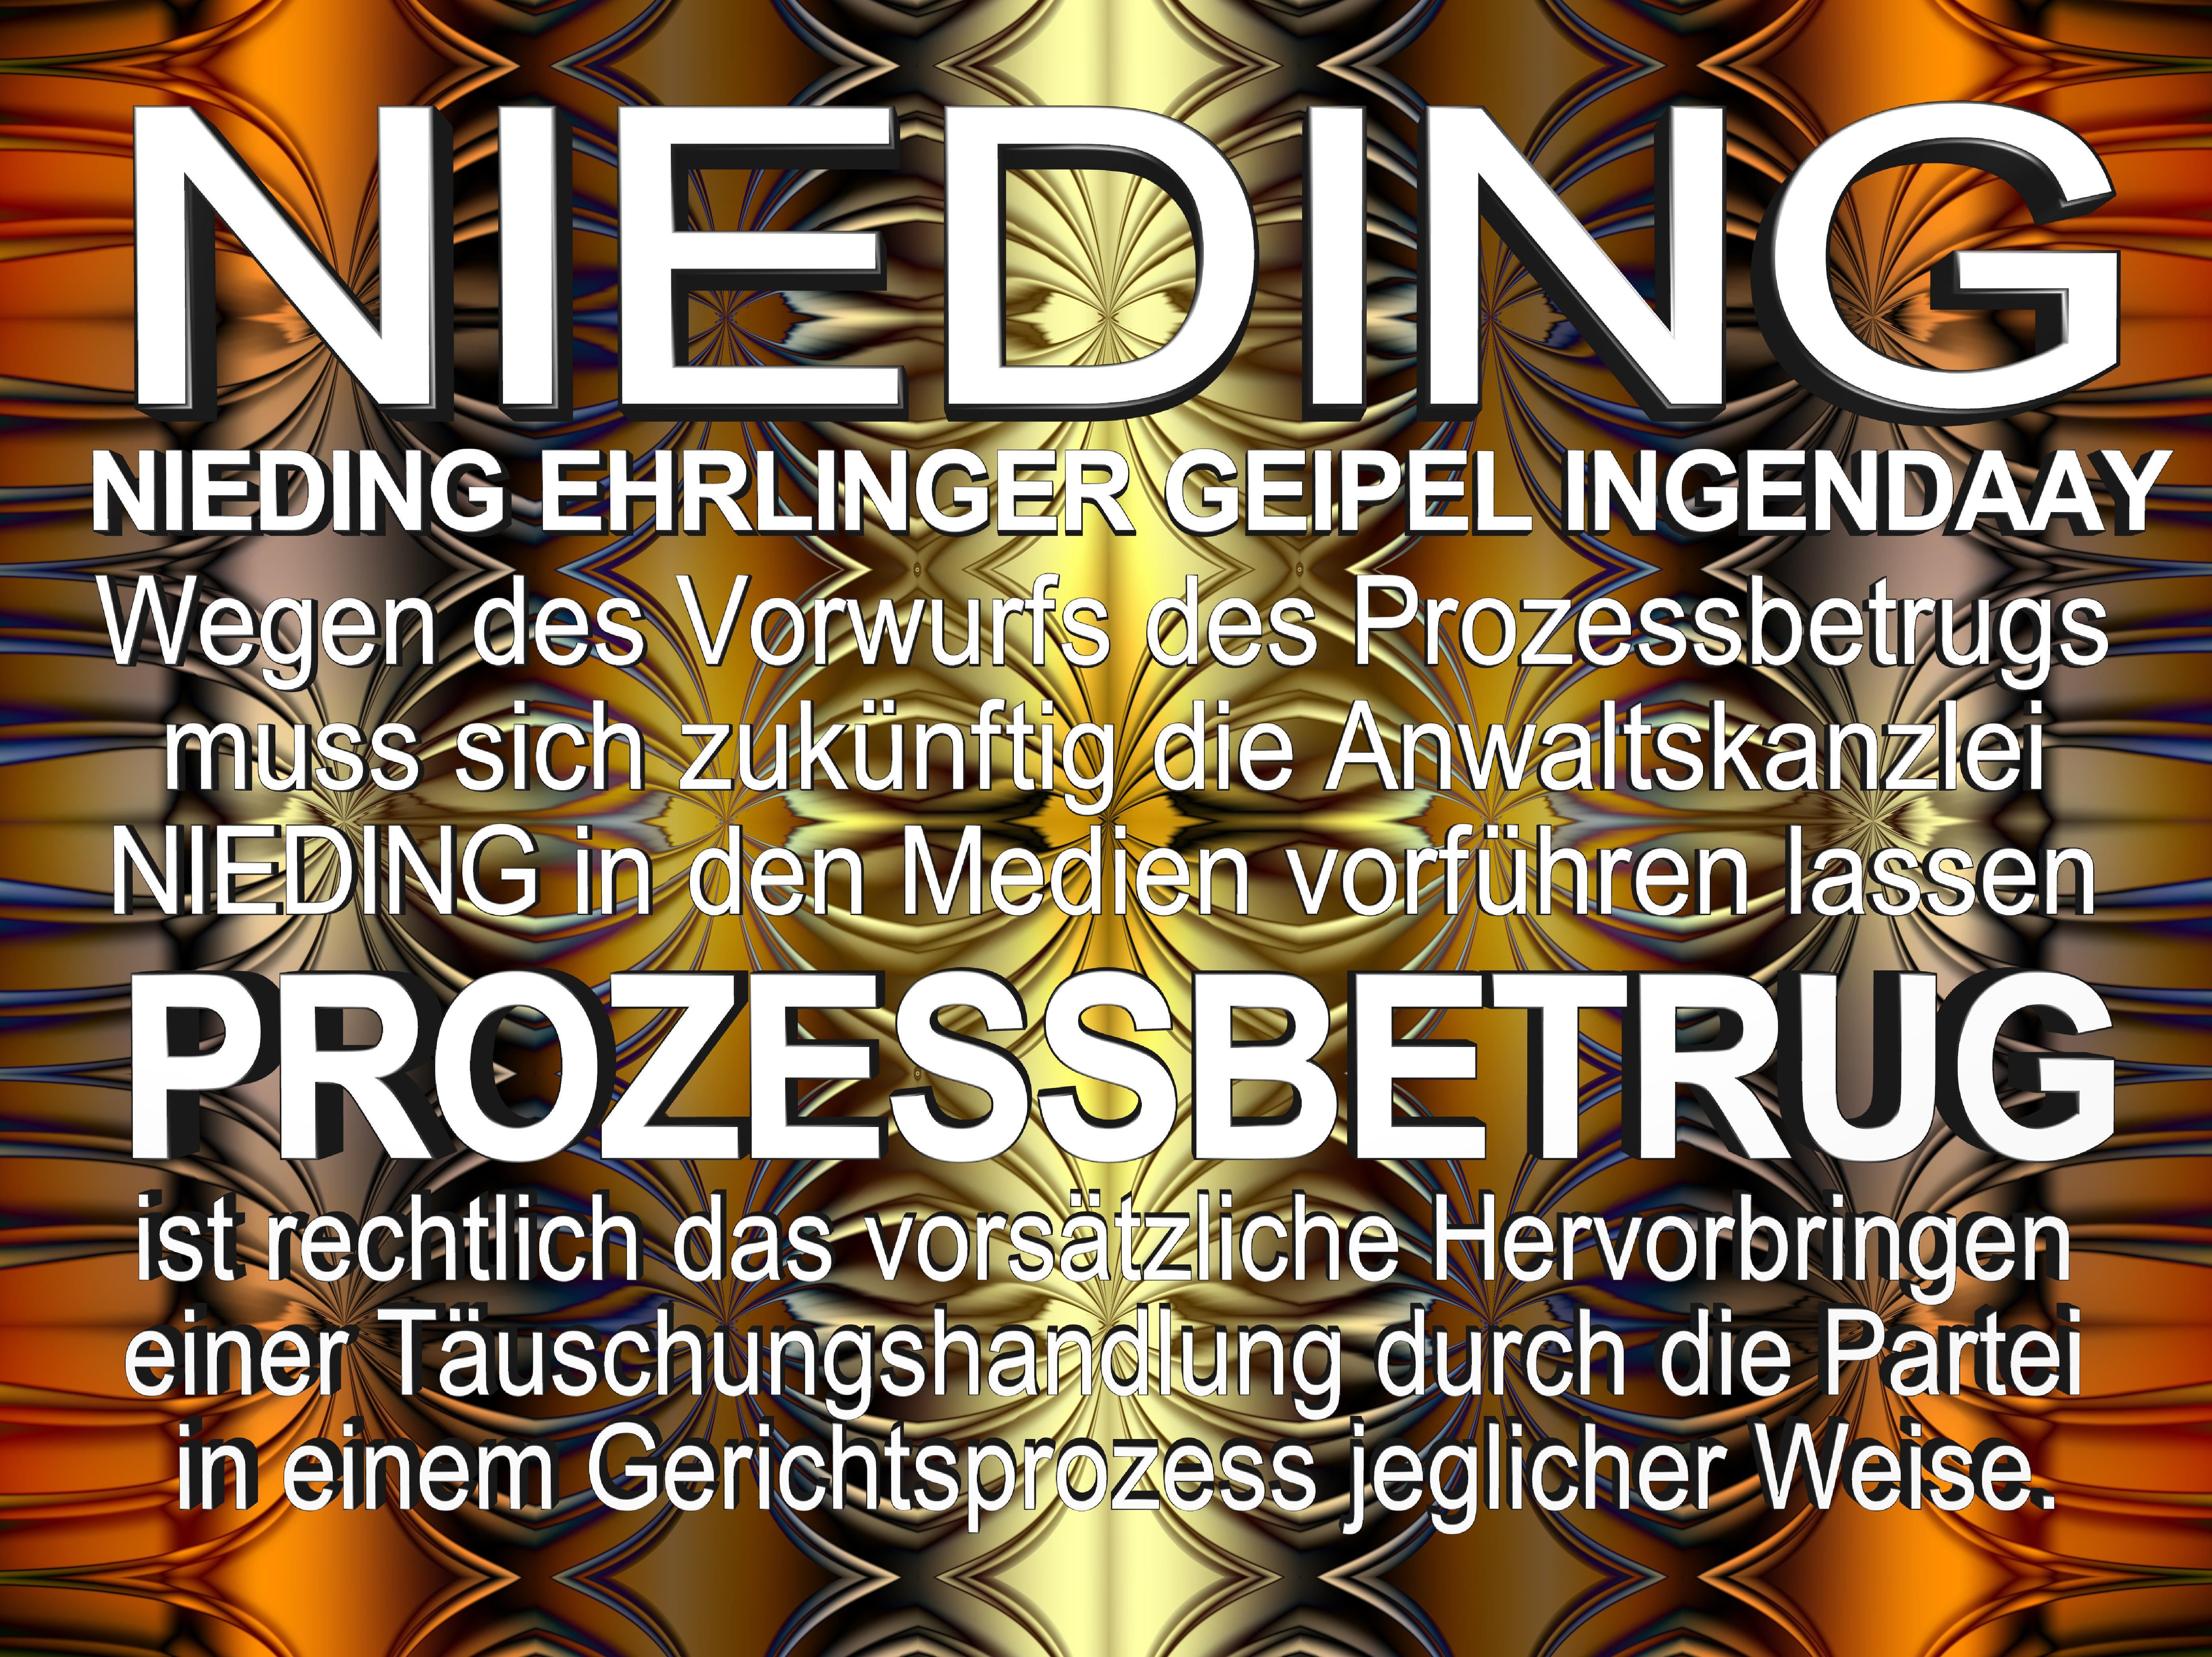 NIEDING EHRLINGER GEIPEL INGENDAAY LELKE Kurfürstendamm 66 Berlin (163)